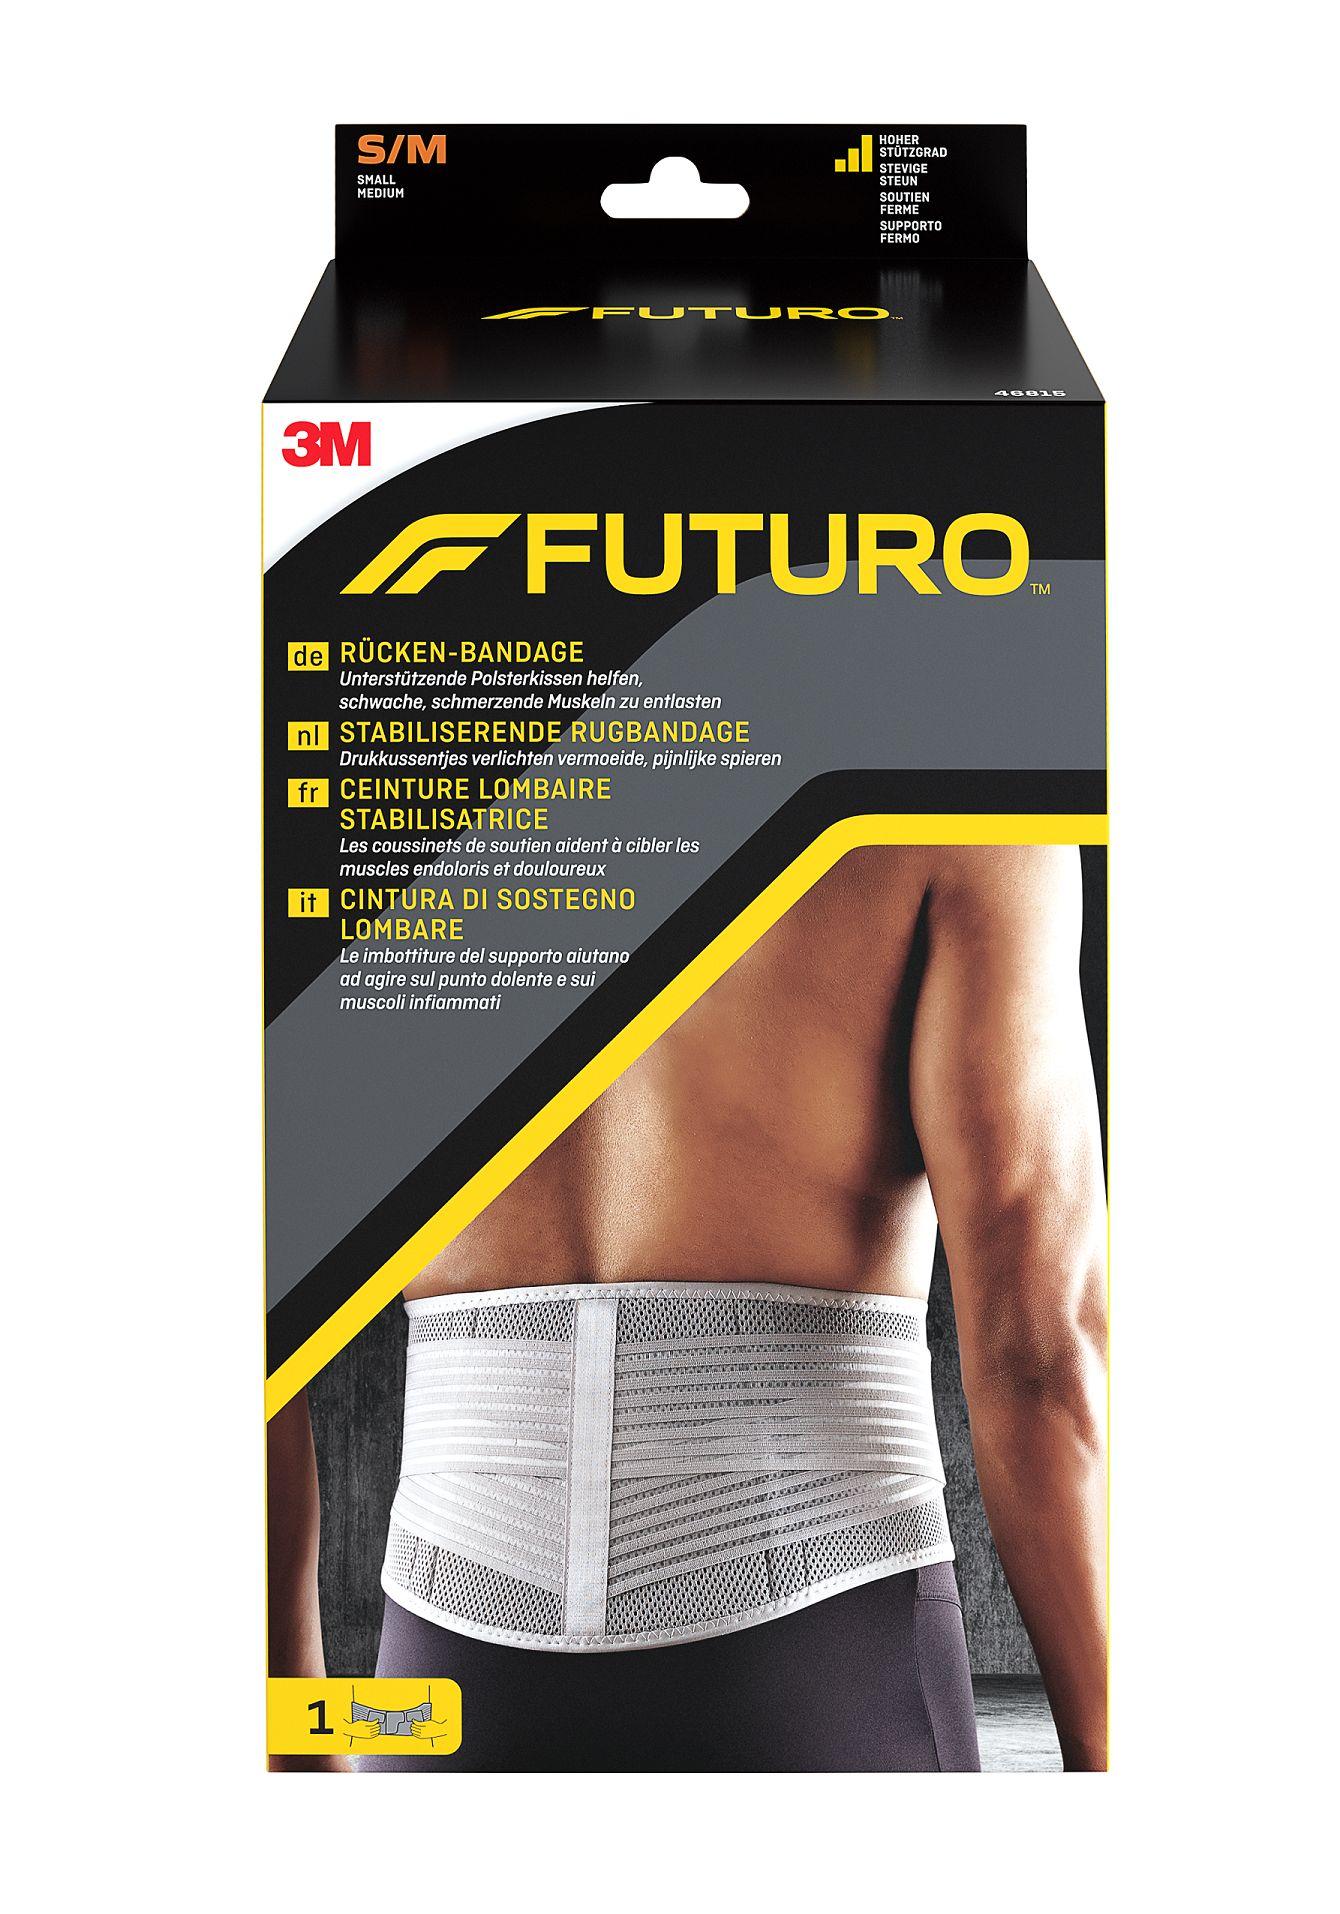 FUTURO™ Rücken-Bandage